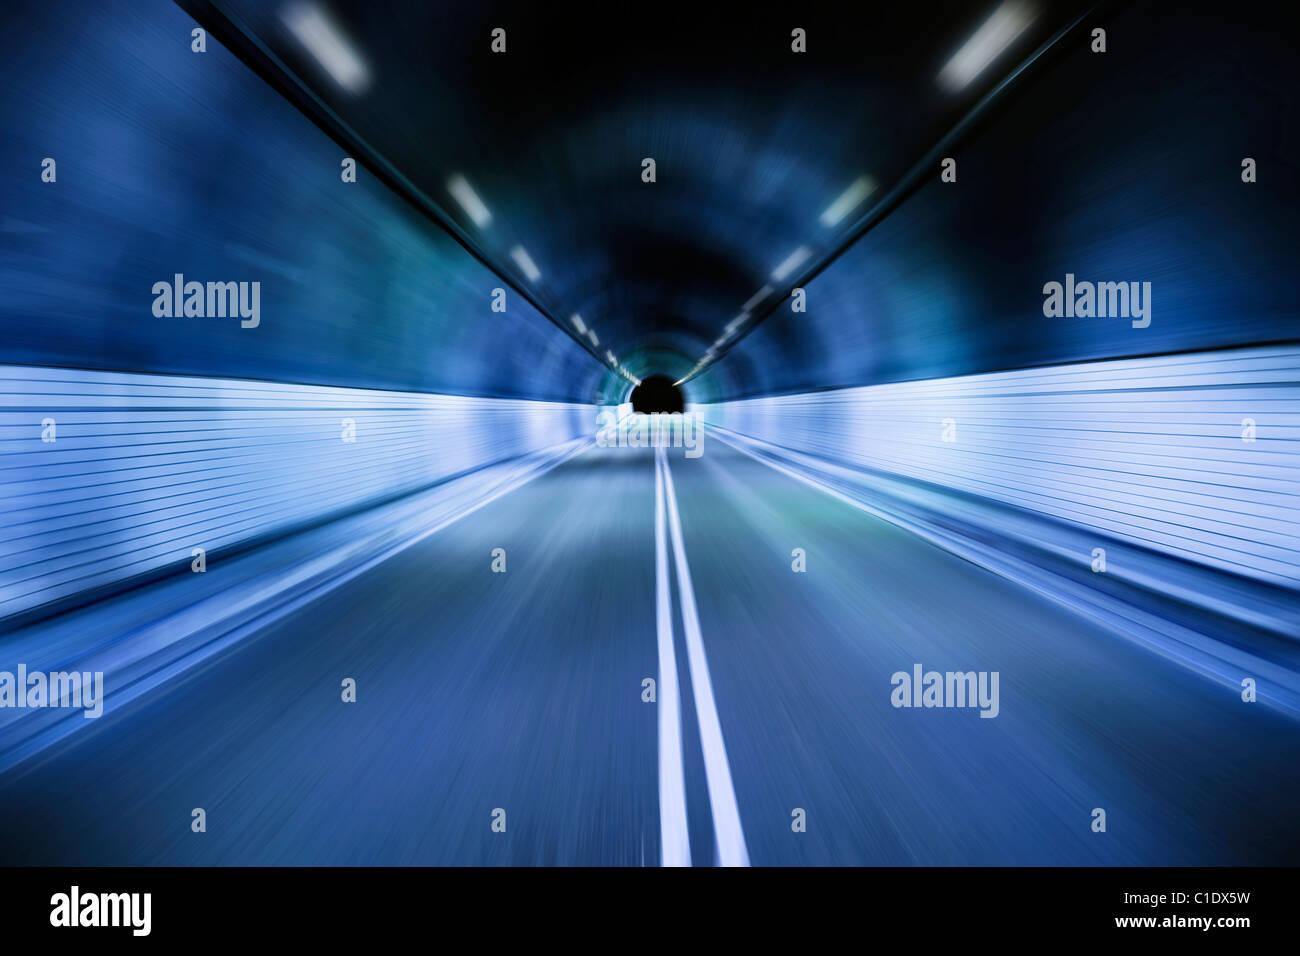 La conduite de nuit à travers le vieux tunnel Photo Stock